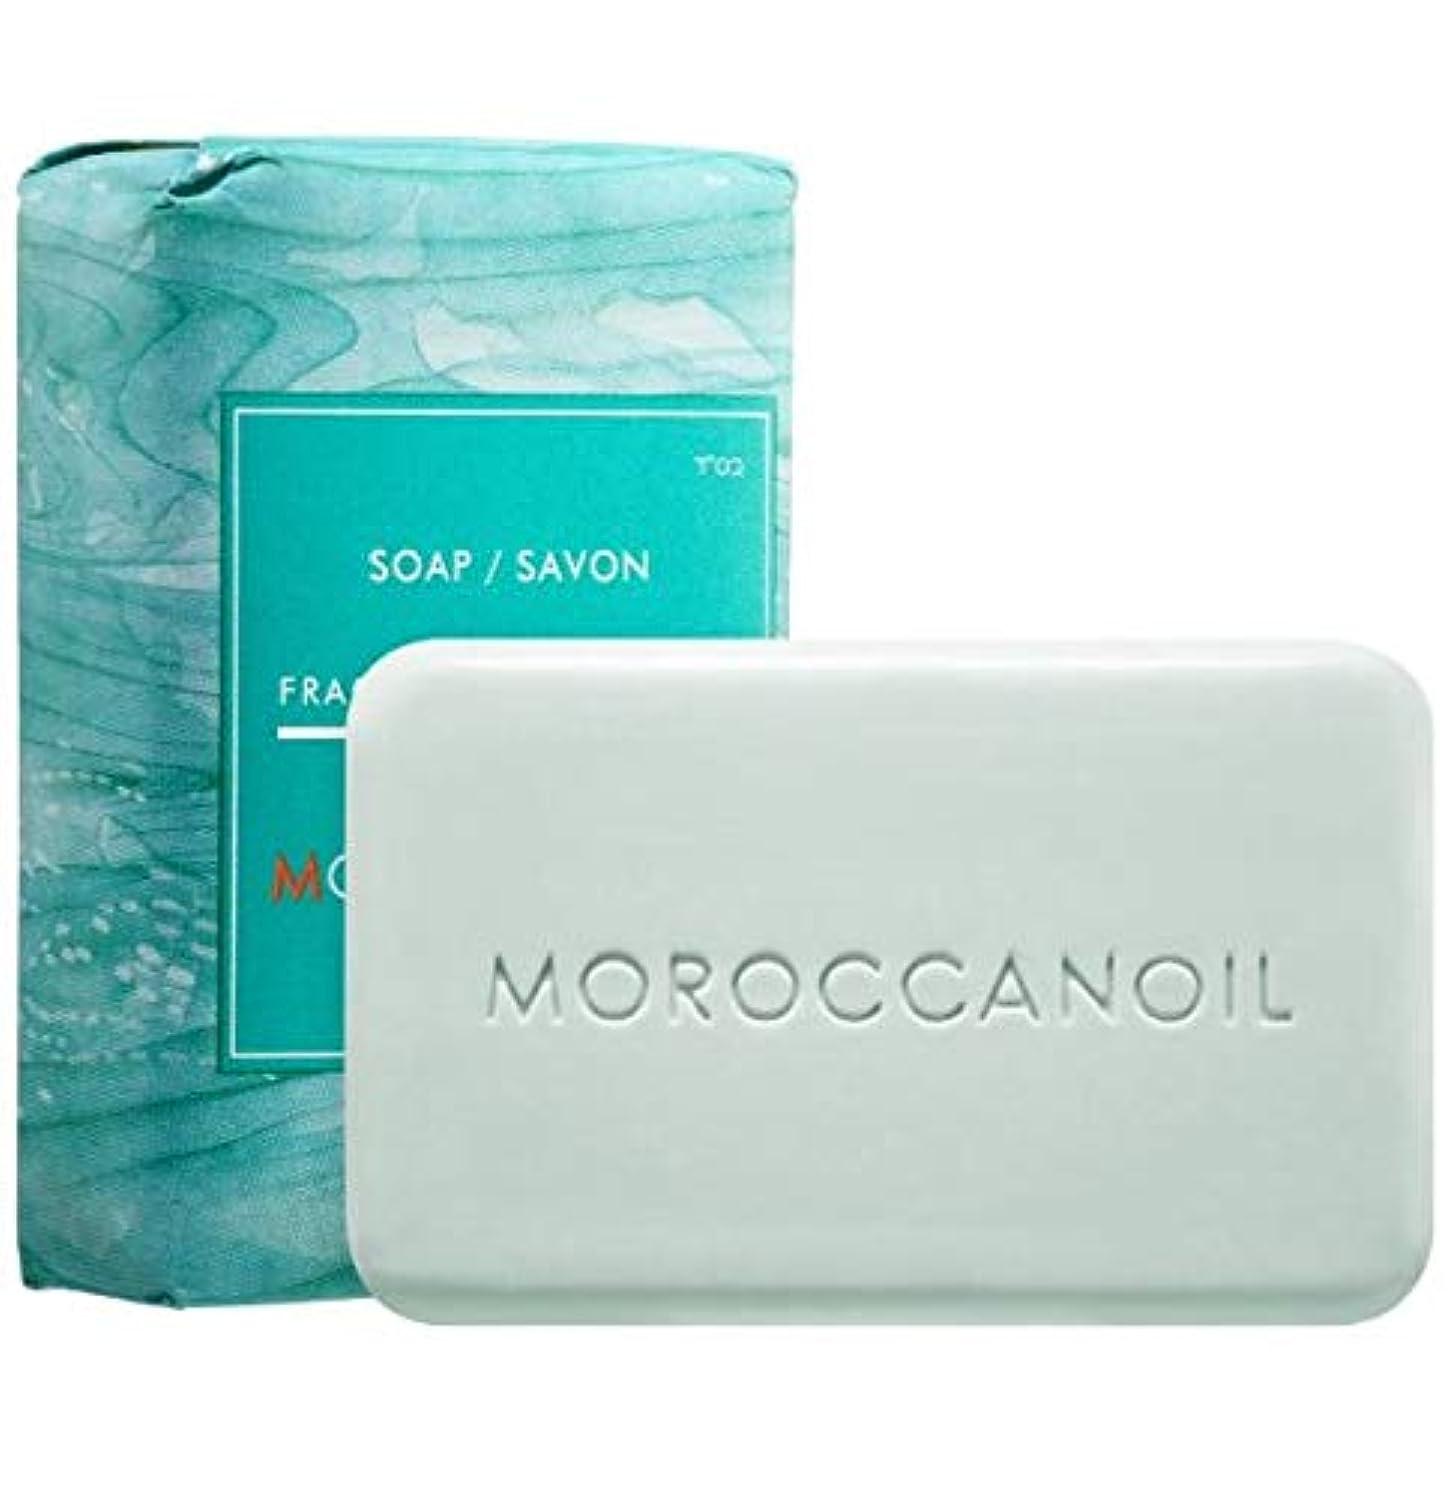 Moroccanoil Body Soap 7 oz/ 200 g [並行輸入品]